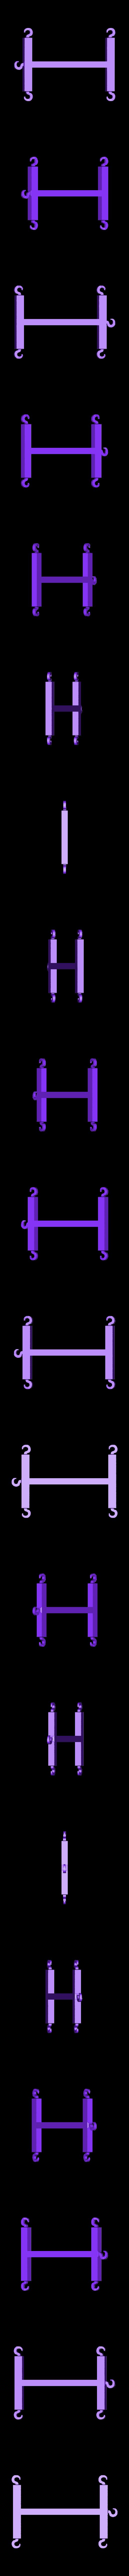 body.stl Télécharger fichier STL gratuit Jeu du pendu • Plan pour imprimante 3D, M3Dr